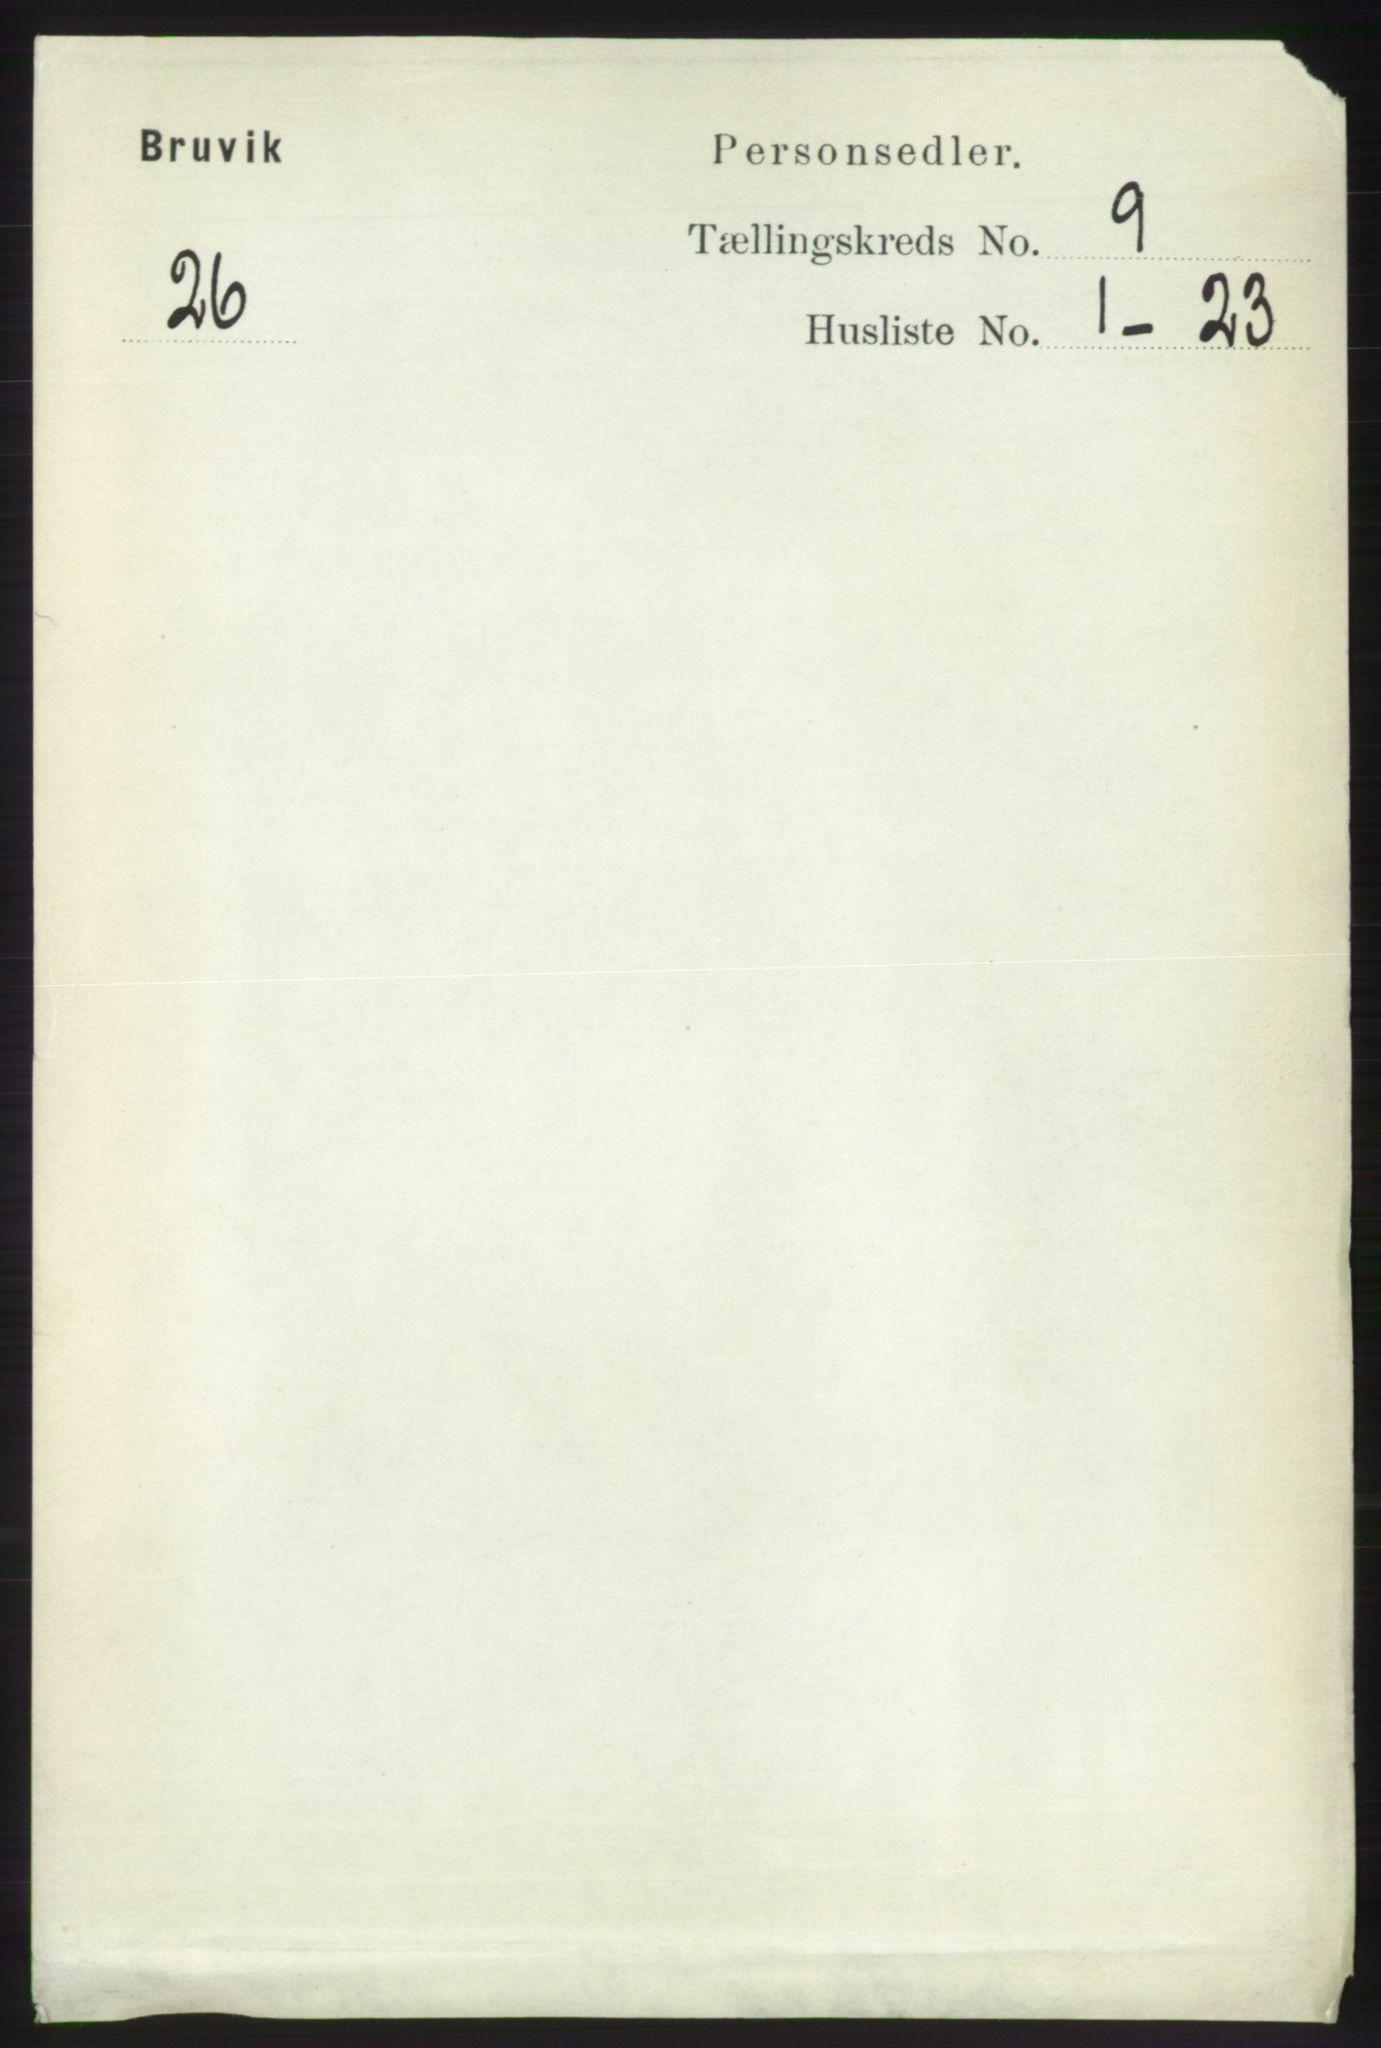 RA, Folketelling 1891 for 1251 Bruvik herred, 1891, s. 3258